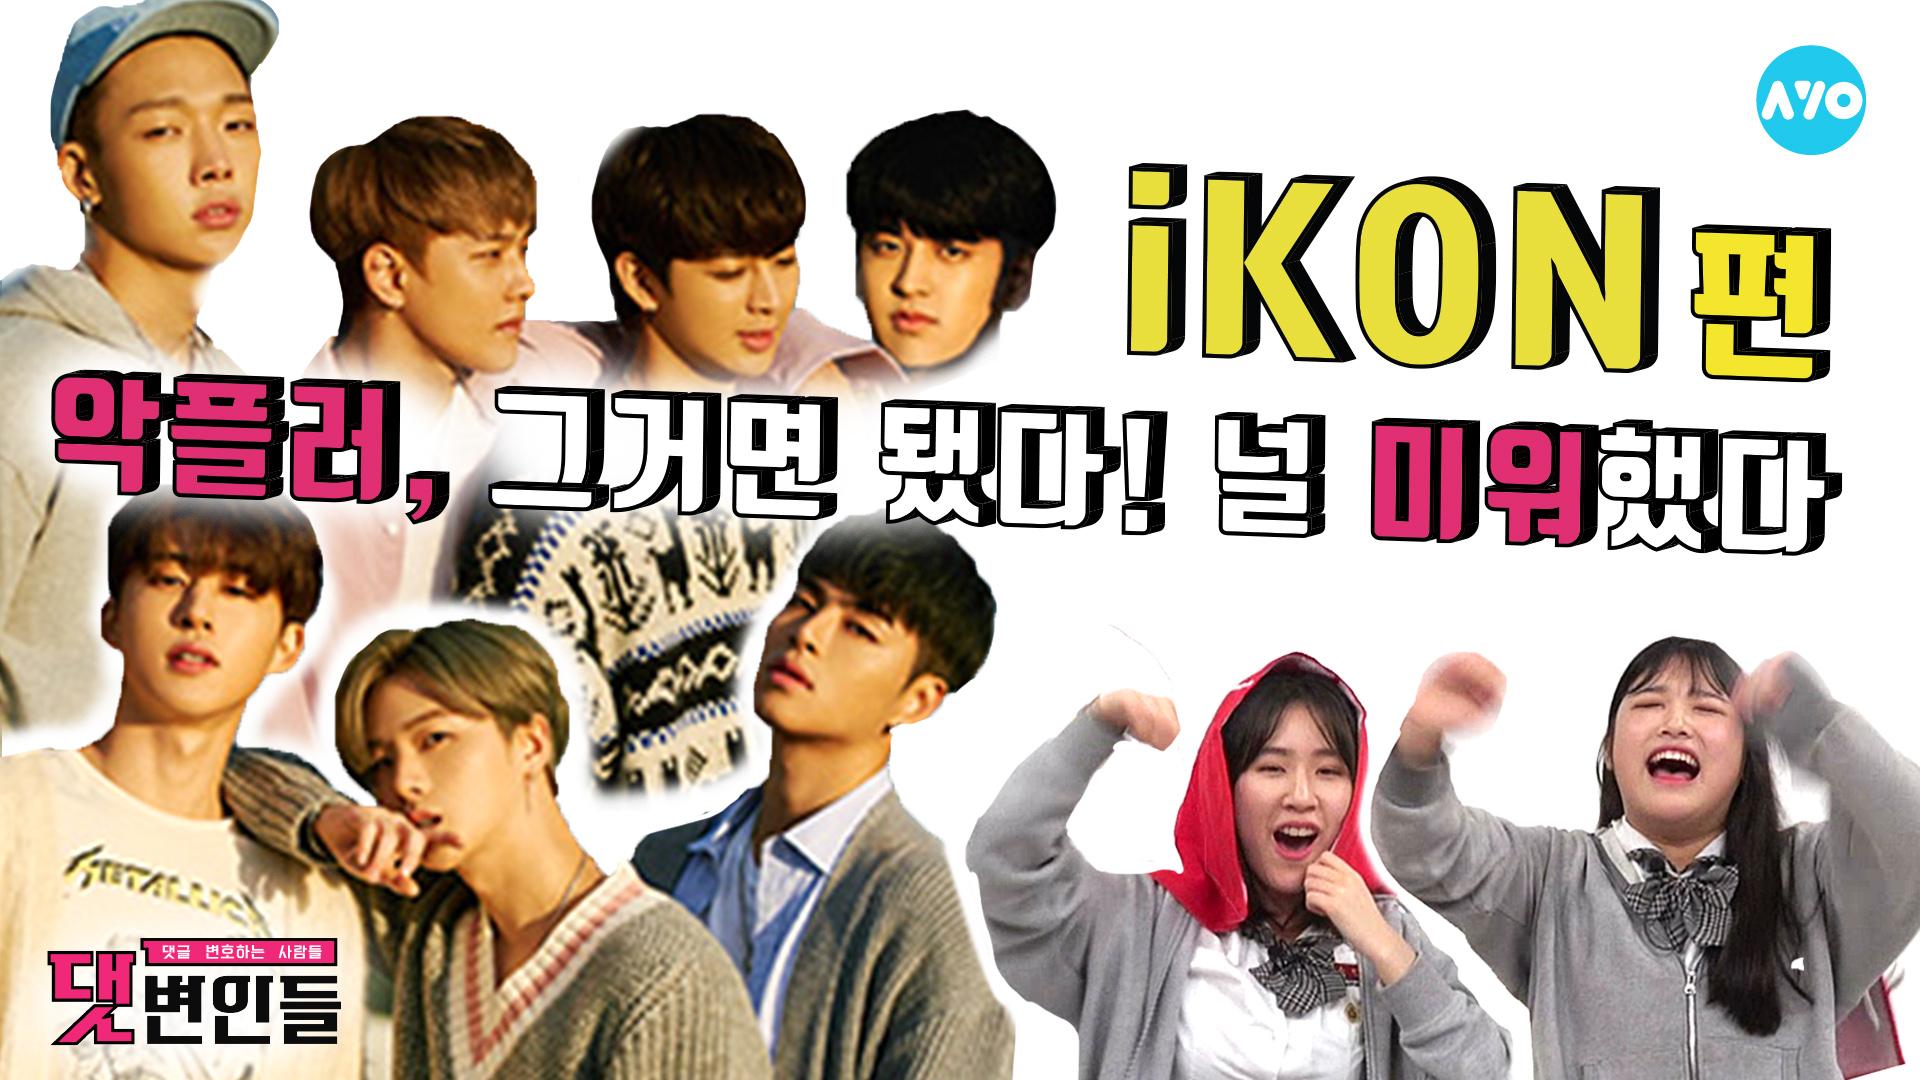 아이콘을 사랑하지 않나요,,,? 내 키가 작아서,,,? #iKON | 댓변인들 | AYO 에이요 이미지